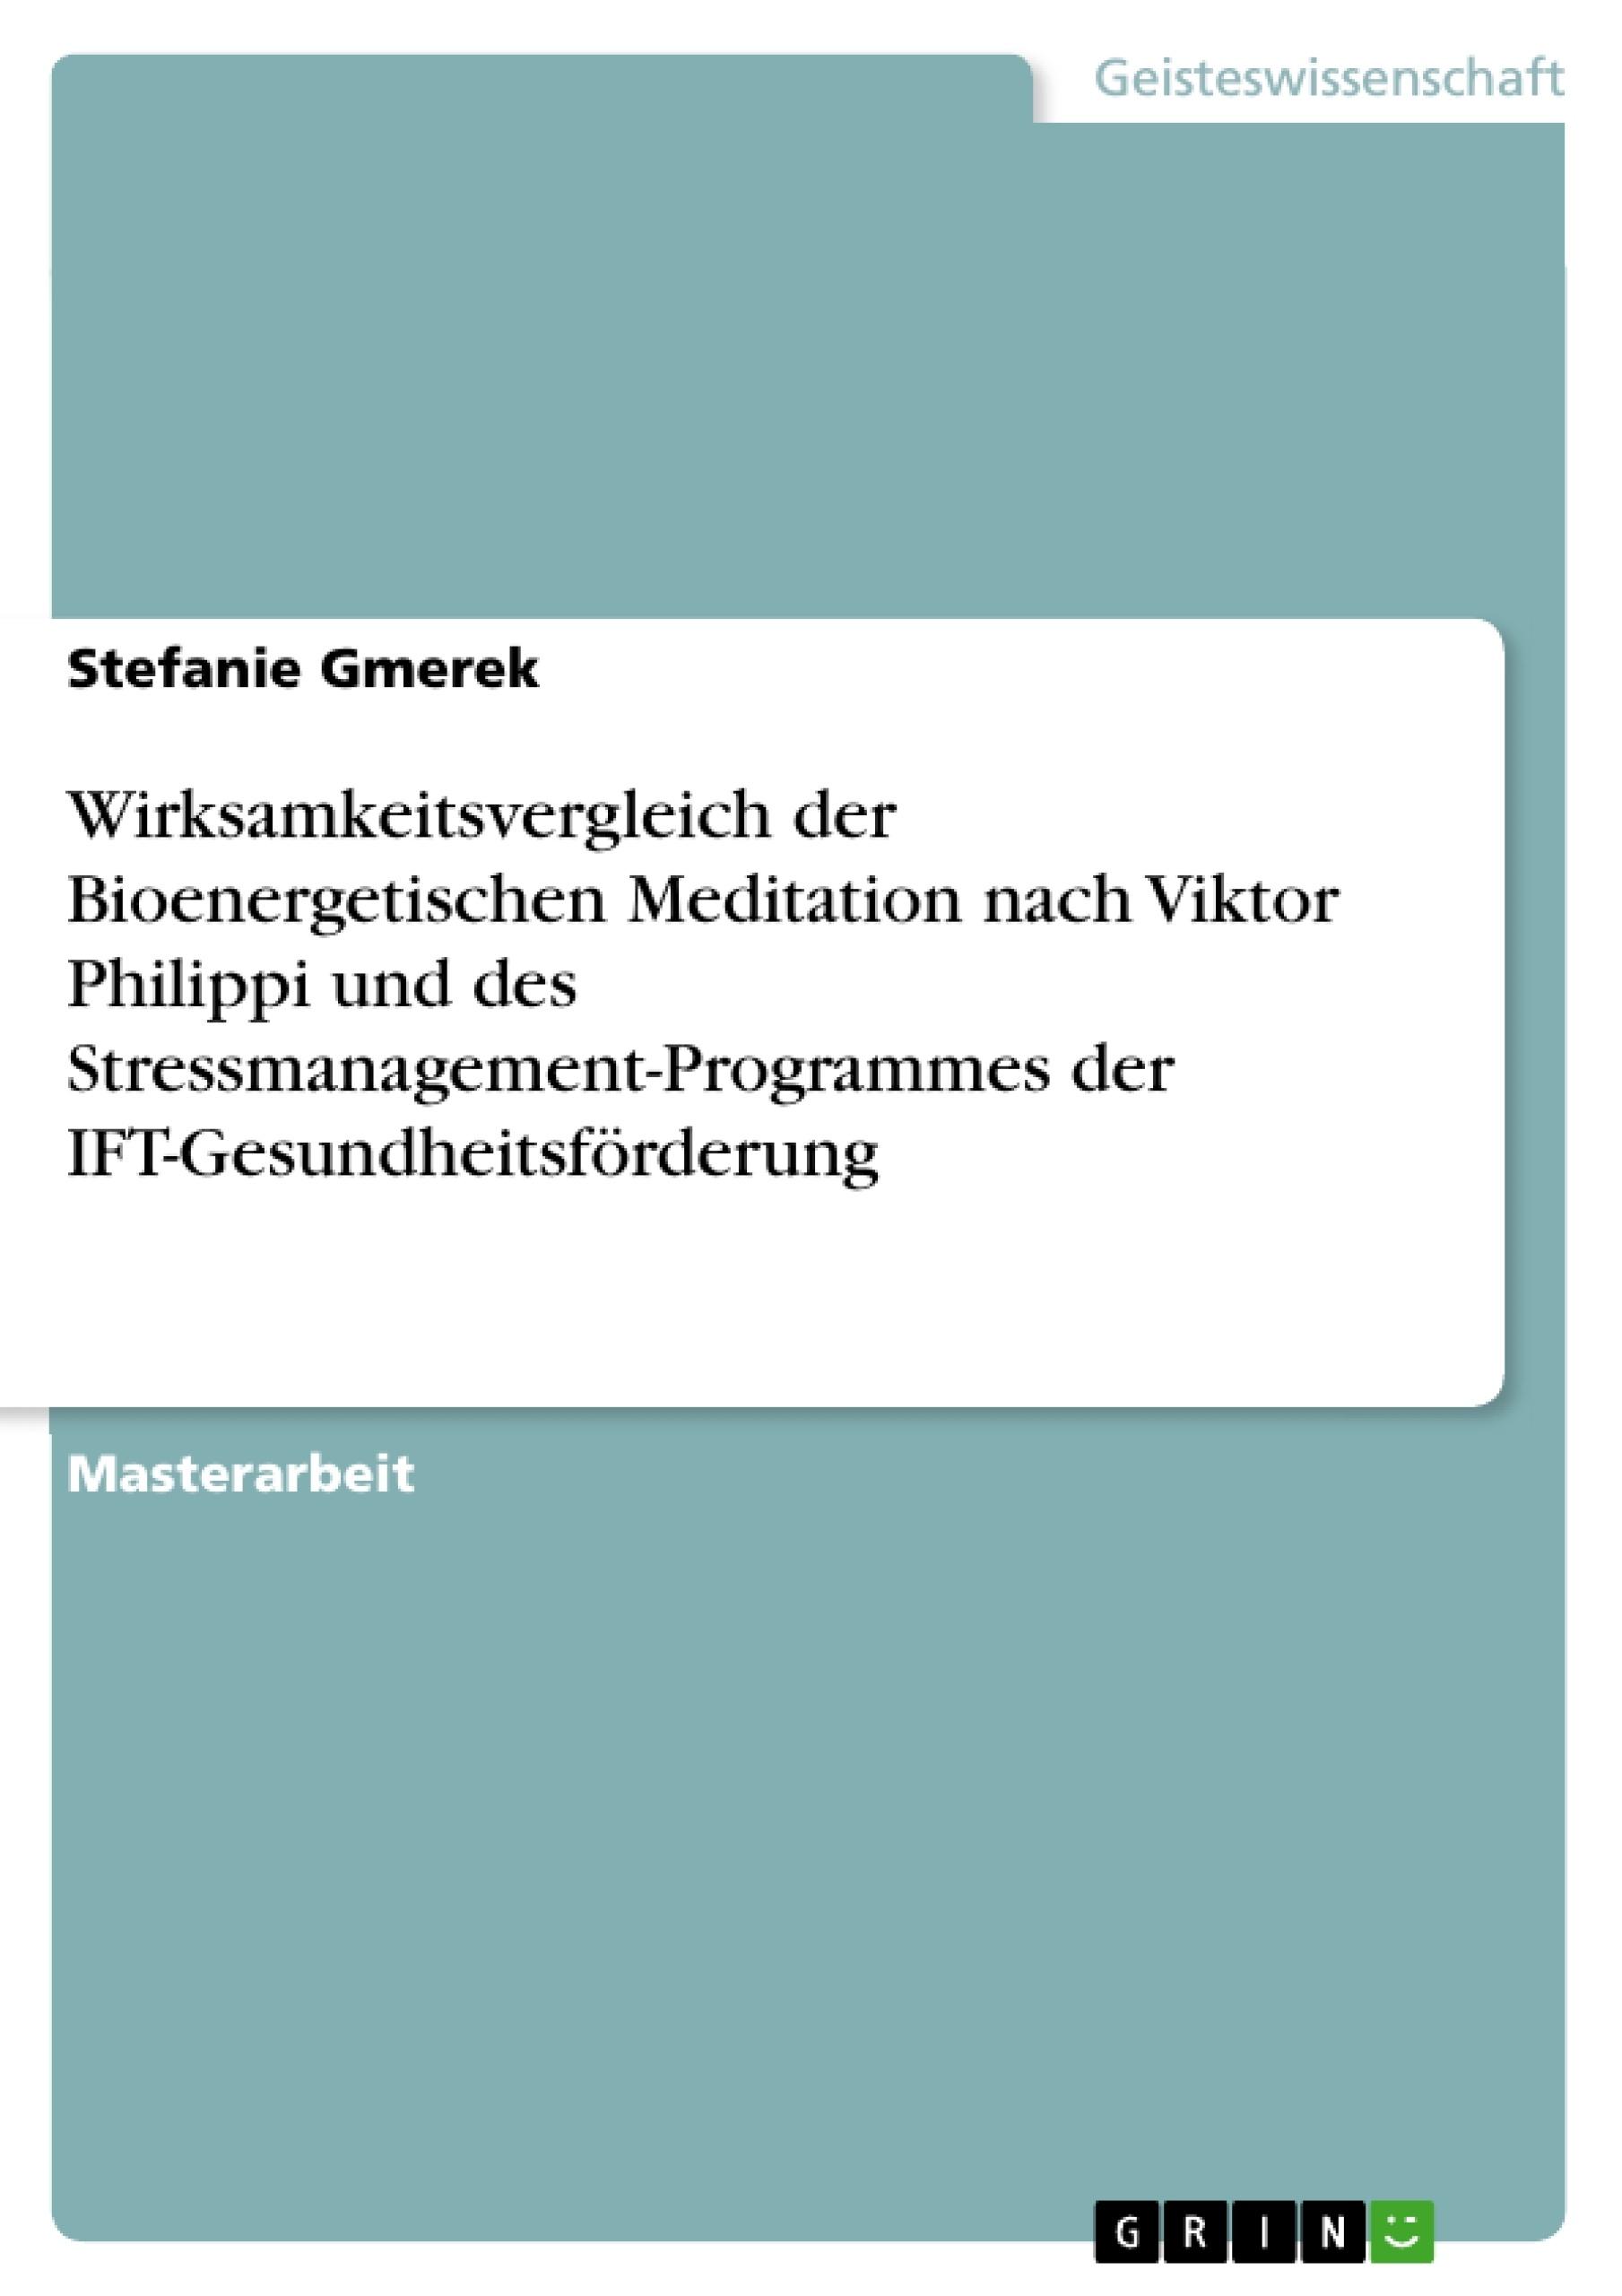 Titel: Wirksamkeitsvergleich der Bioenergetischen Meditation nach Viktor Philippi und des Stressmanagement-Programmes der IFT-Gesundheitsförderung